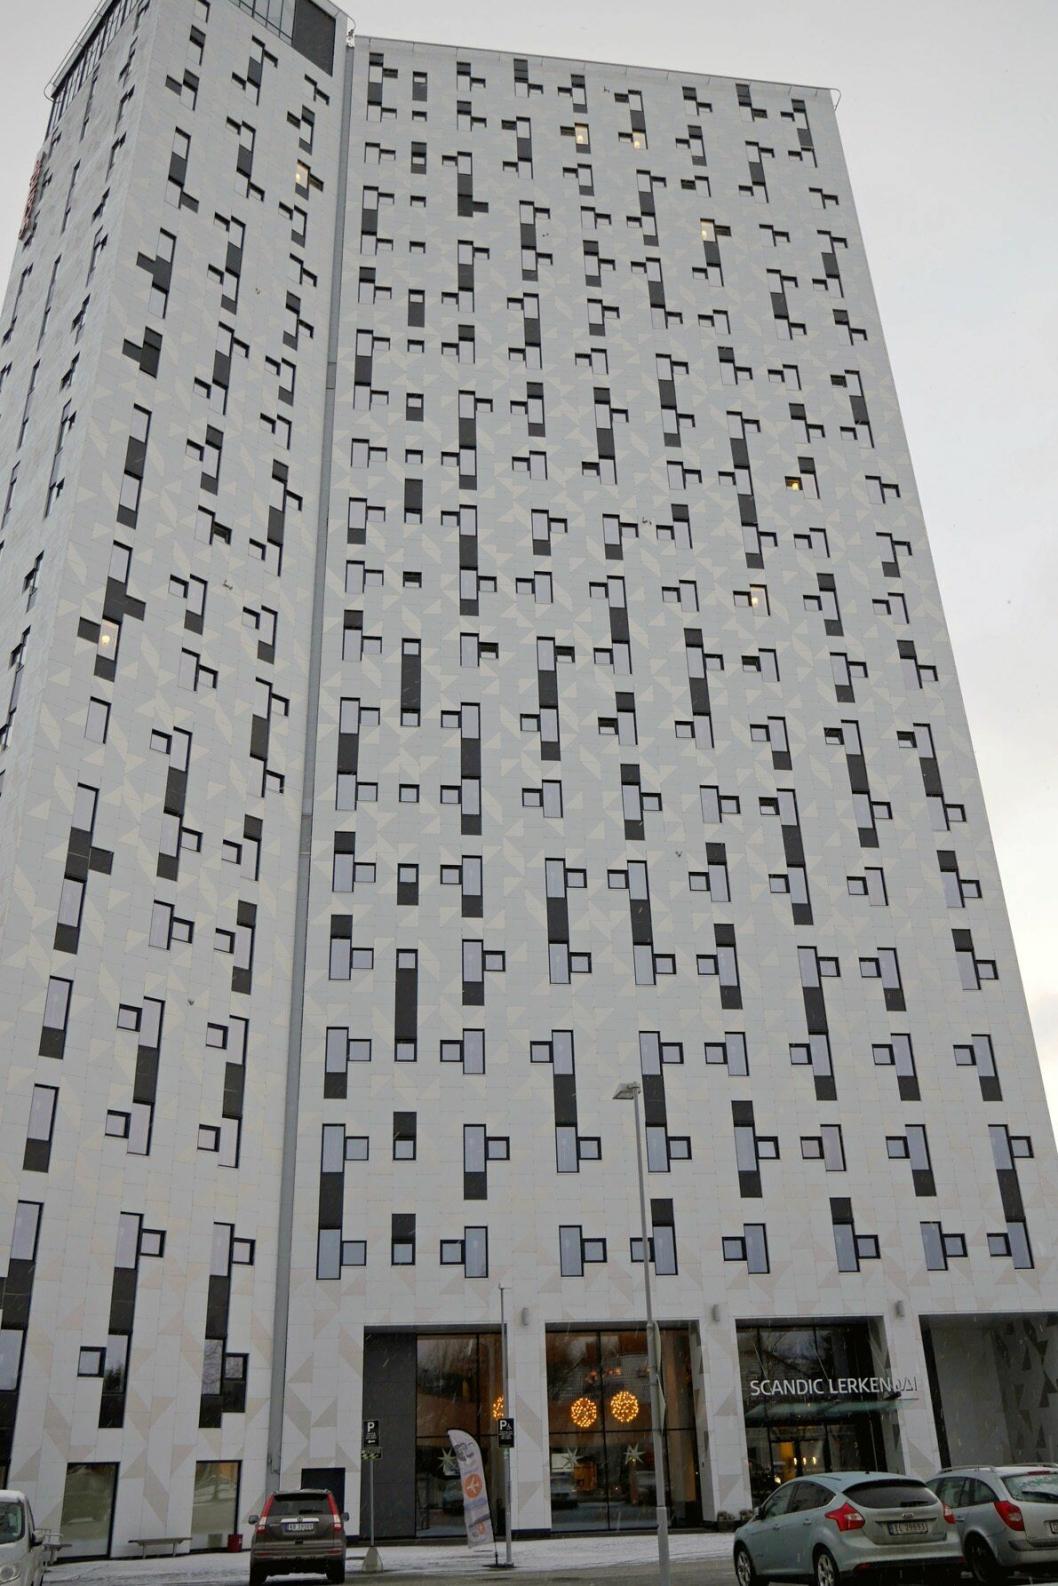 HØYT: Scandic Lerkendal i Trondheim har også 21 etasjer.